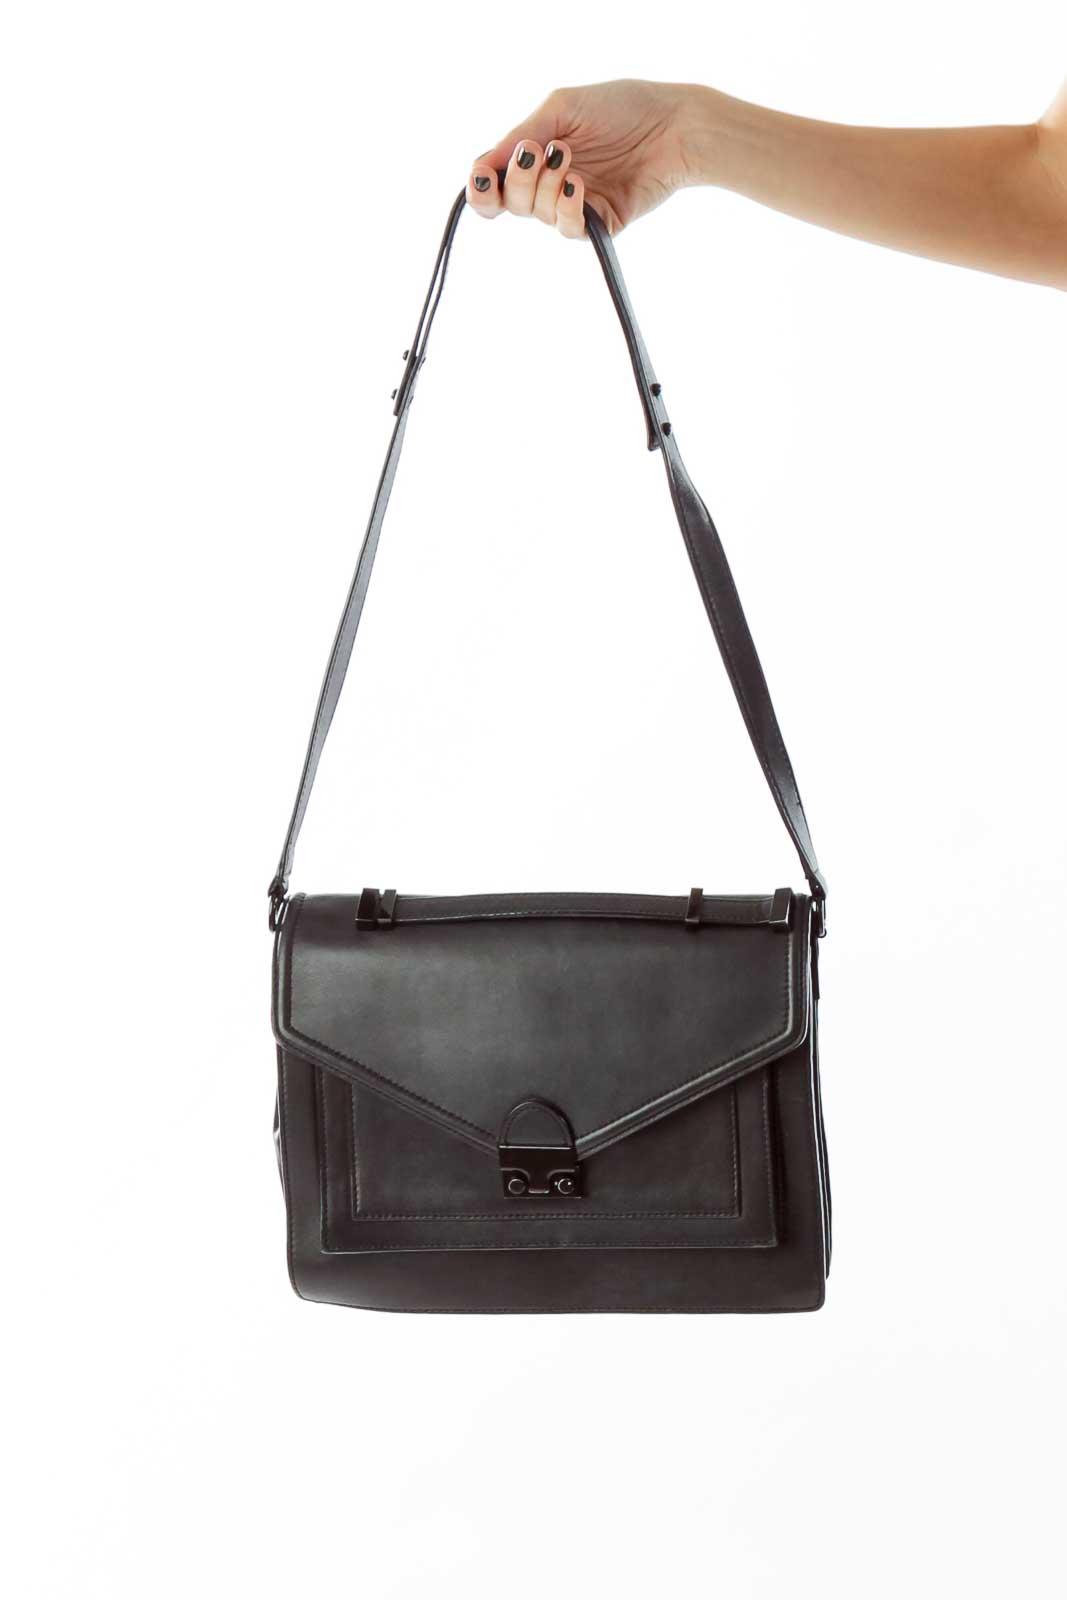 Black Belted Leather Messenger Bag Front